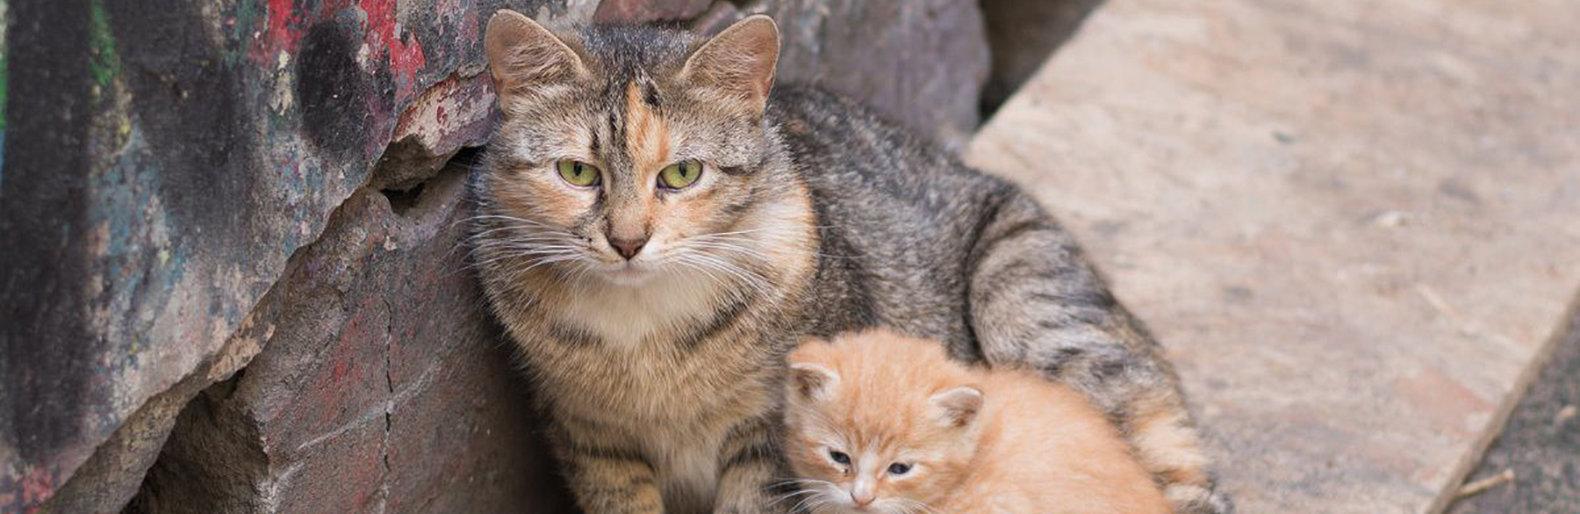 Отлавливать бездомных кошек в Алматинском зоопарке будут с согласования зоозащитников